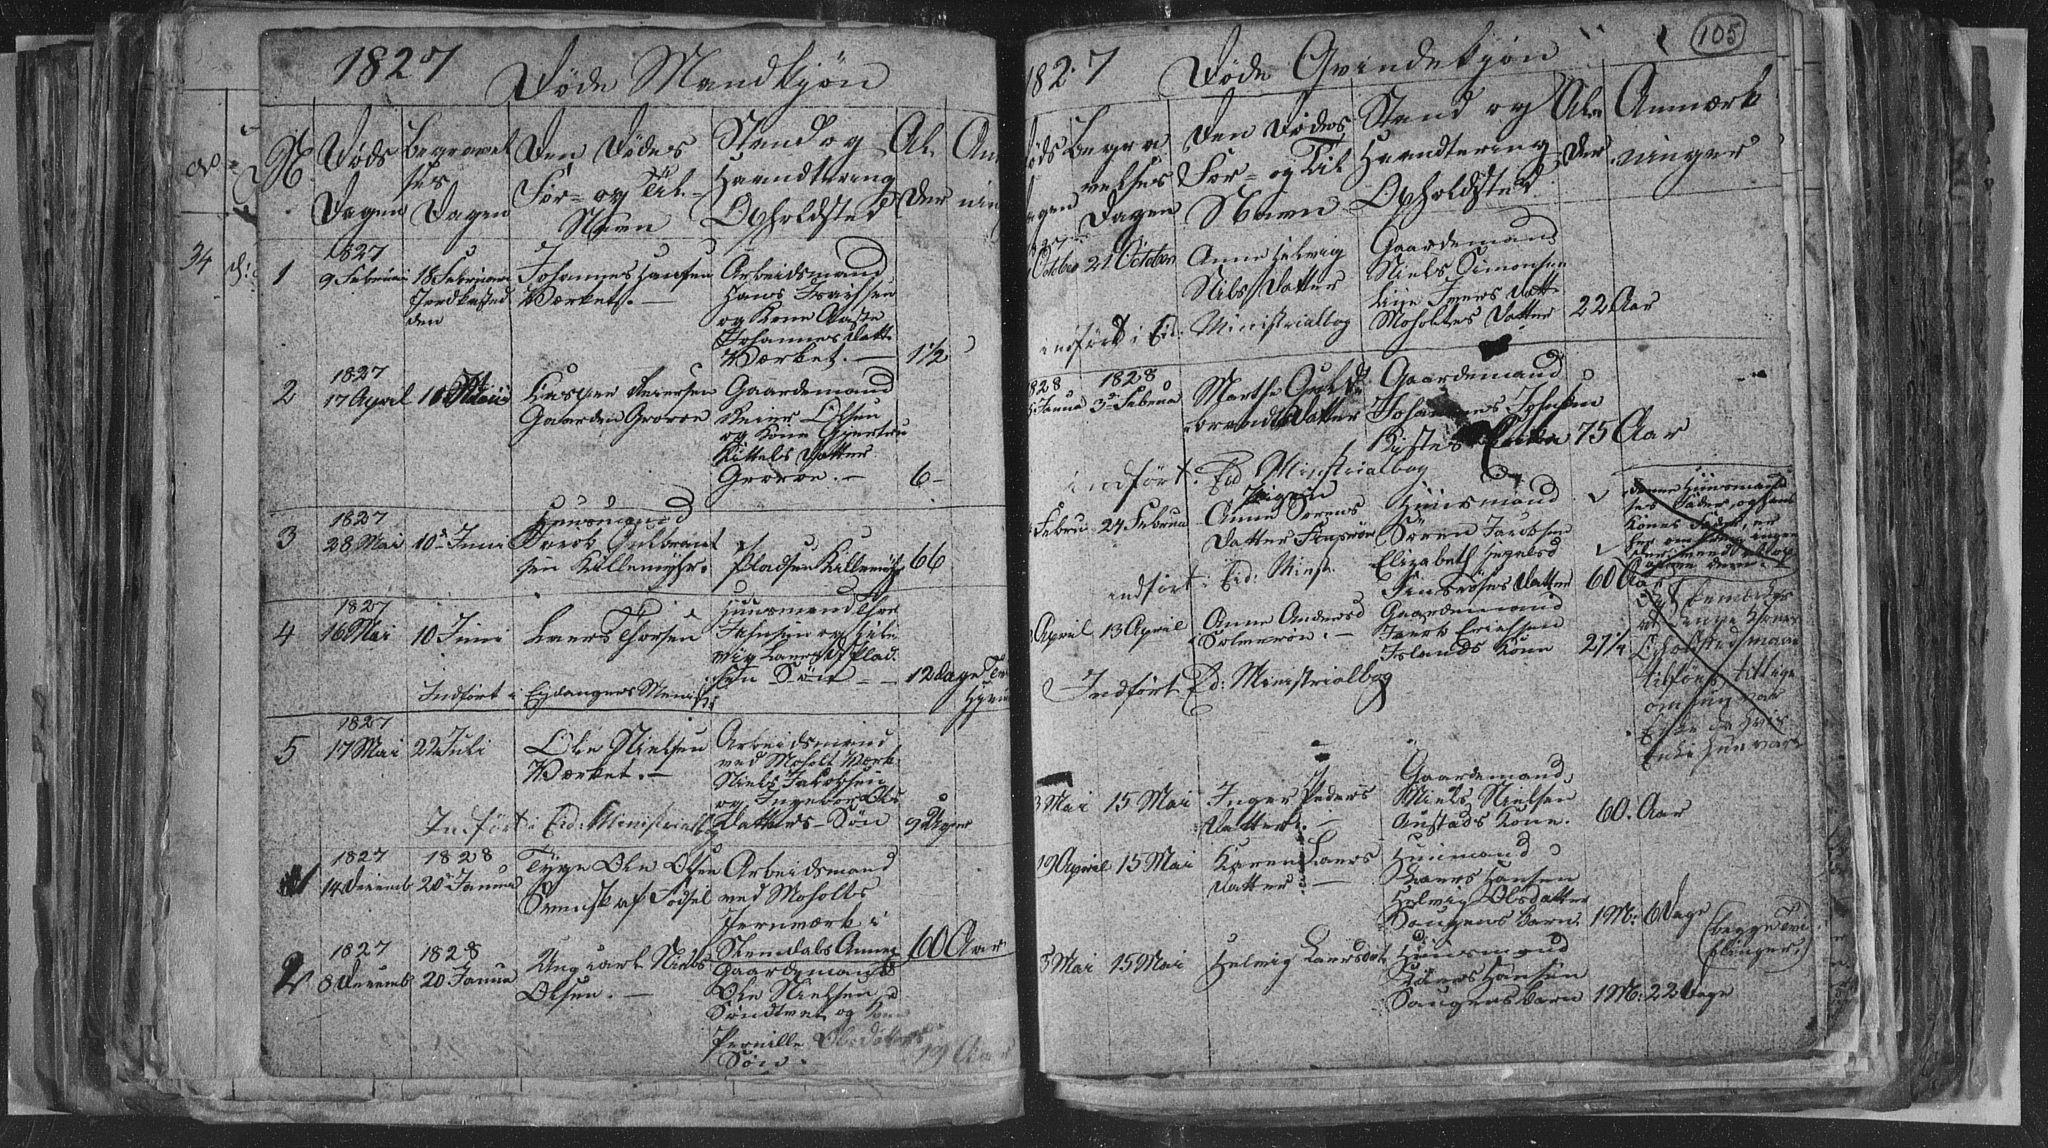 SAKO, Siljan kirkebøker, G/Ga/L0001: Klokkerbok nr. 1, 1827-1847, s. 105